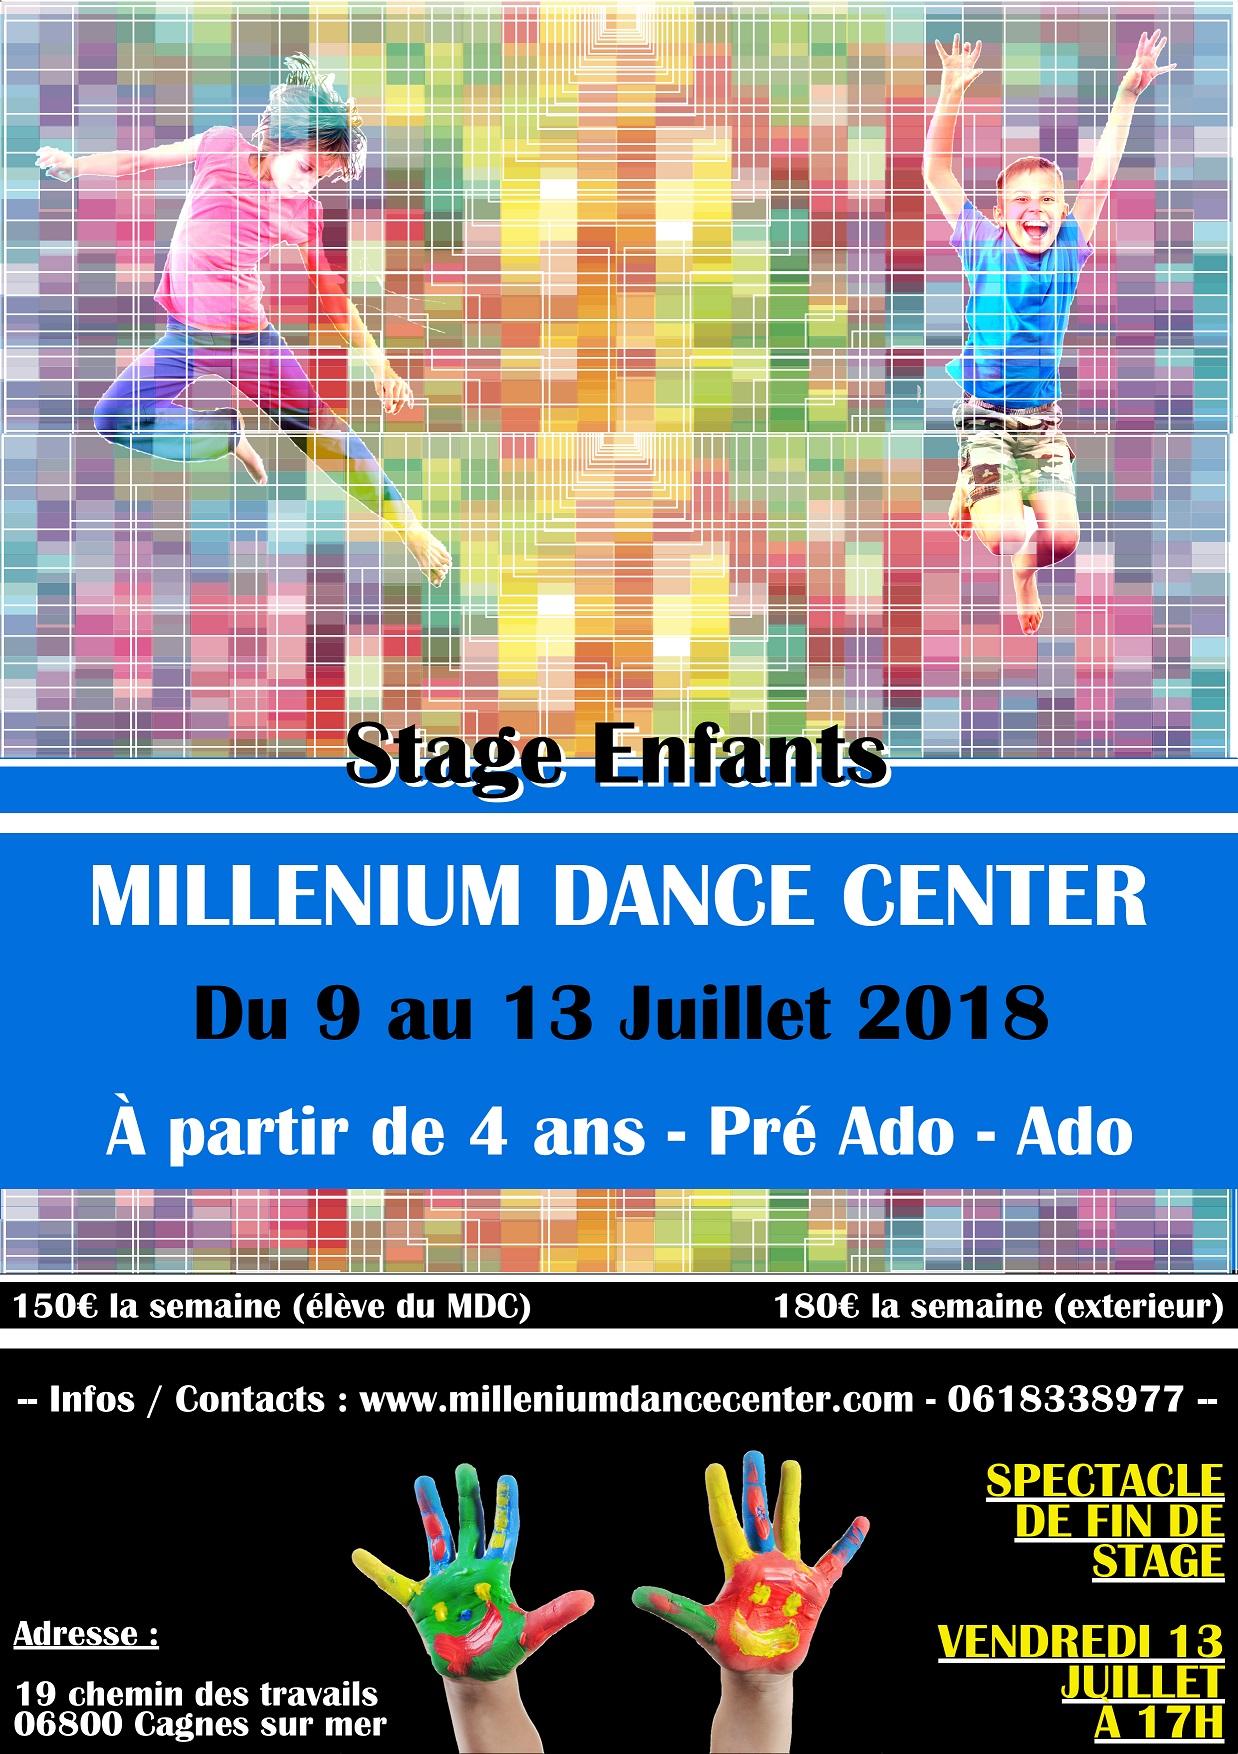 Millenium Dance Center - Stage Enfant Ete 2018